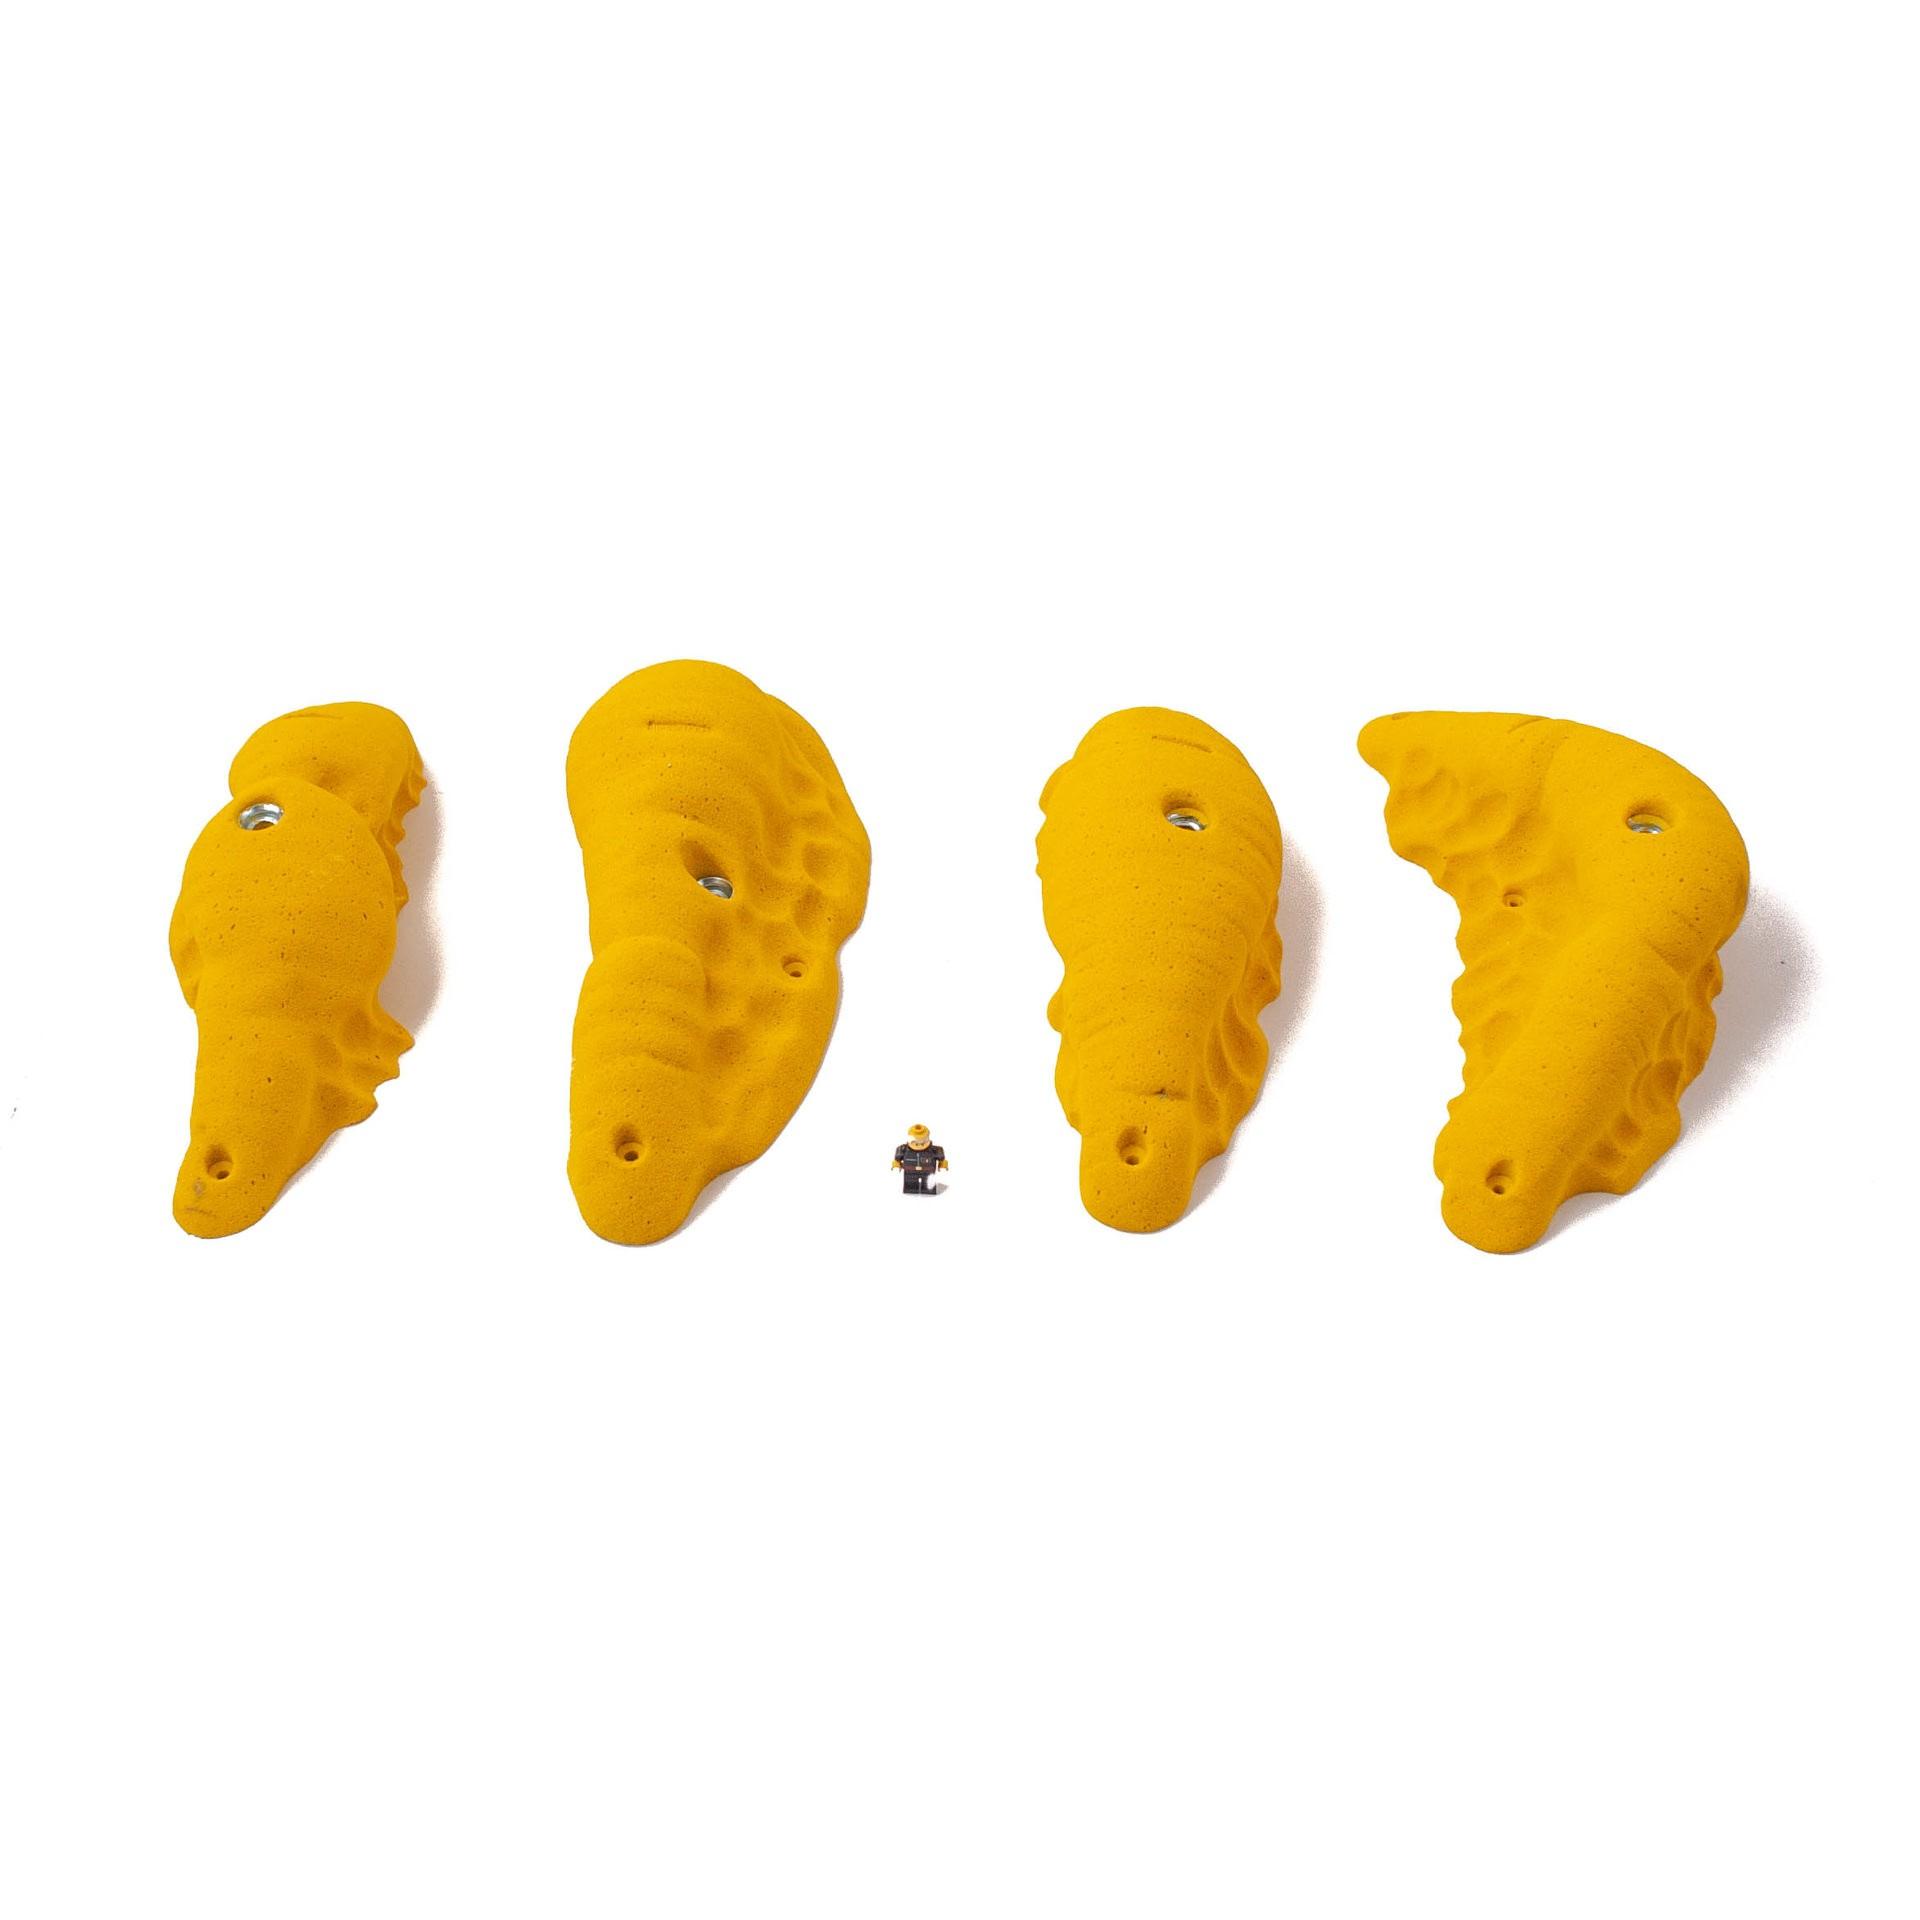 Medium Tufa Jugs - Holds.fr